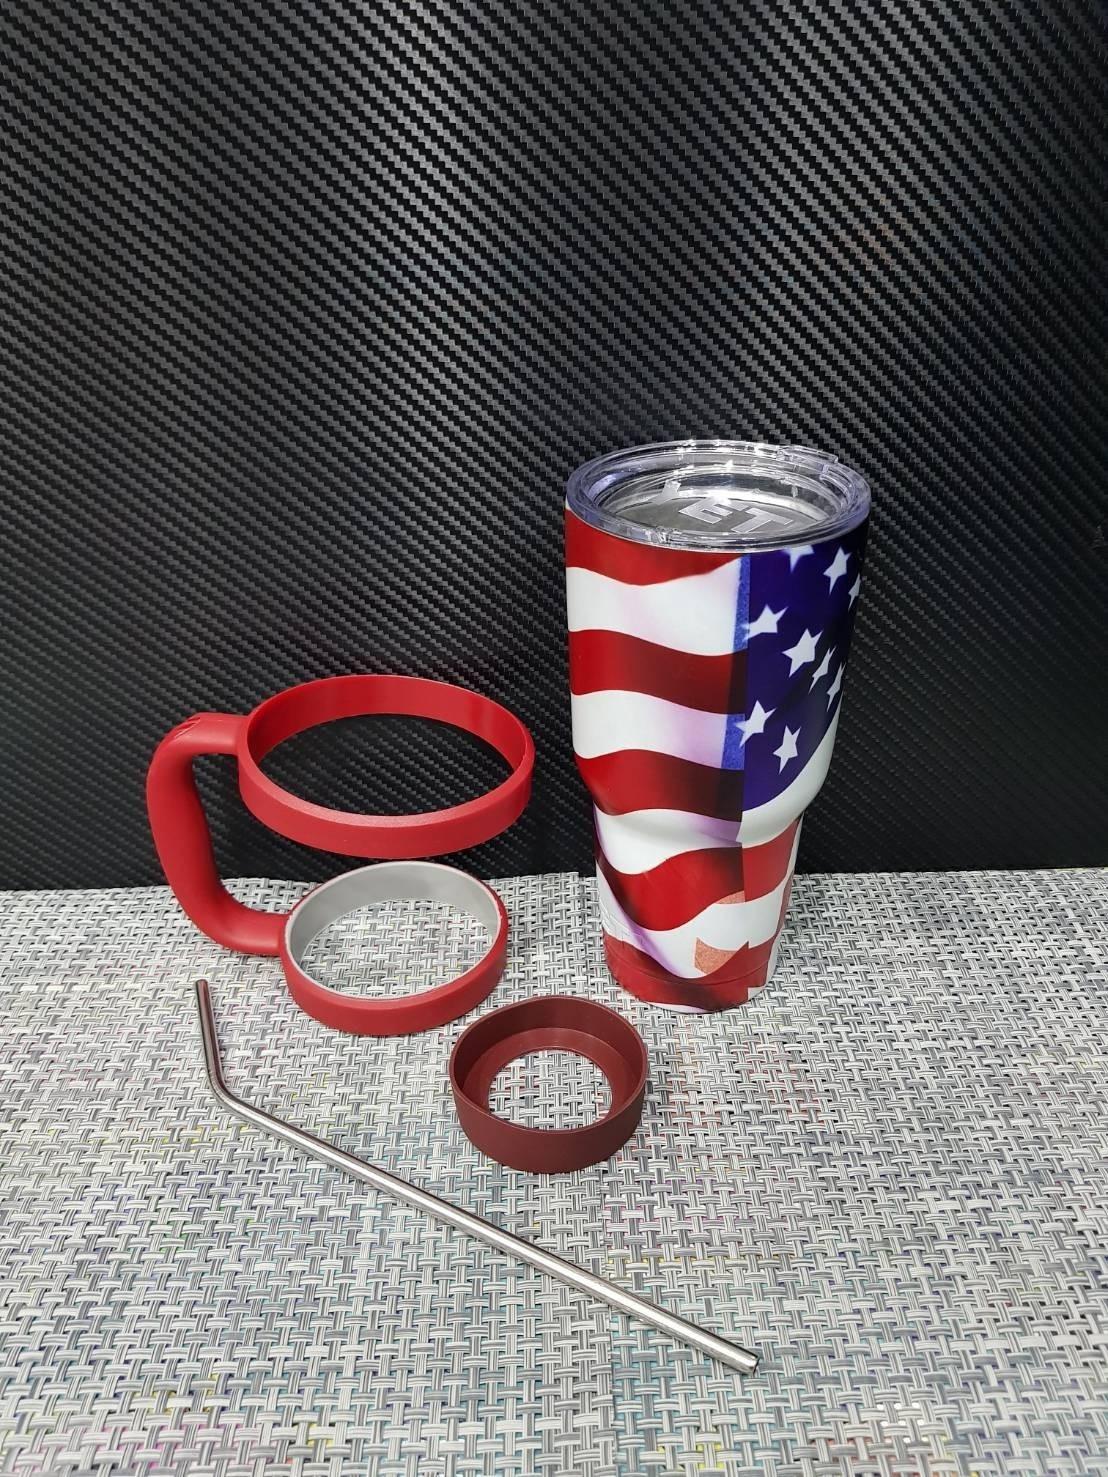 ชุดแก้วเยติ 30 ออนซ์ ลายธงชาติอเมริกา